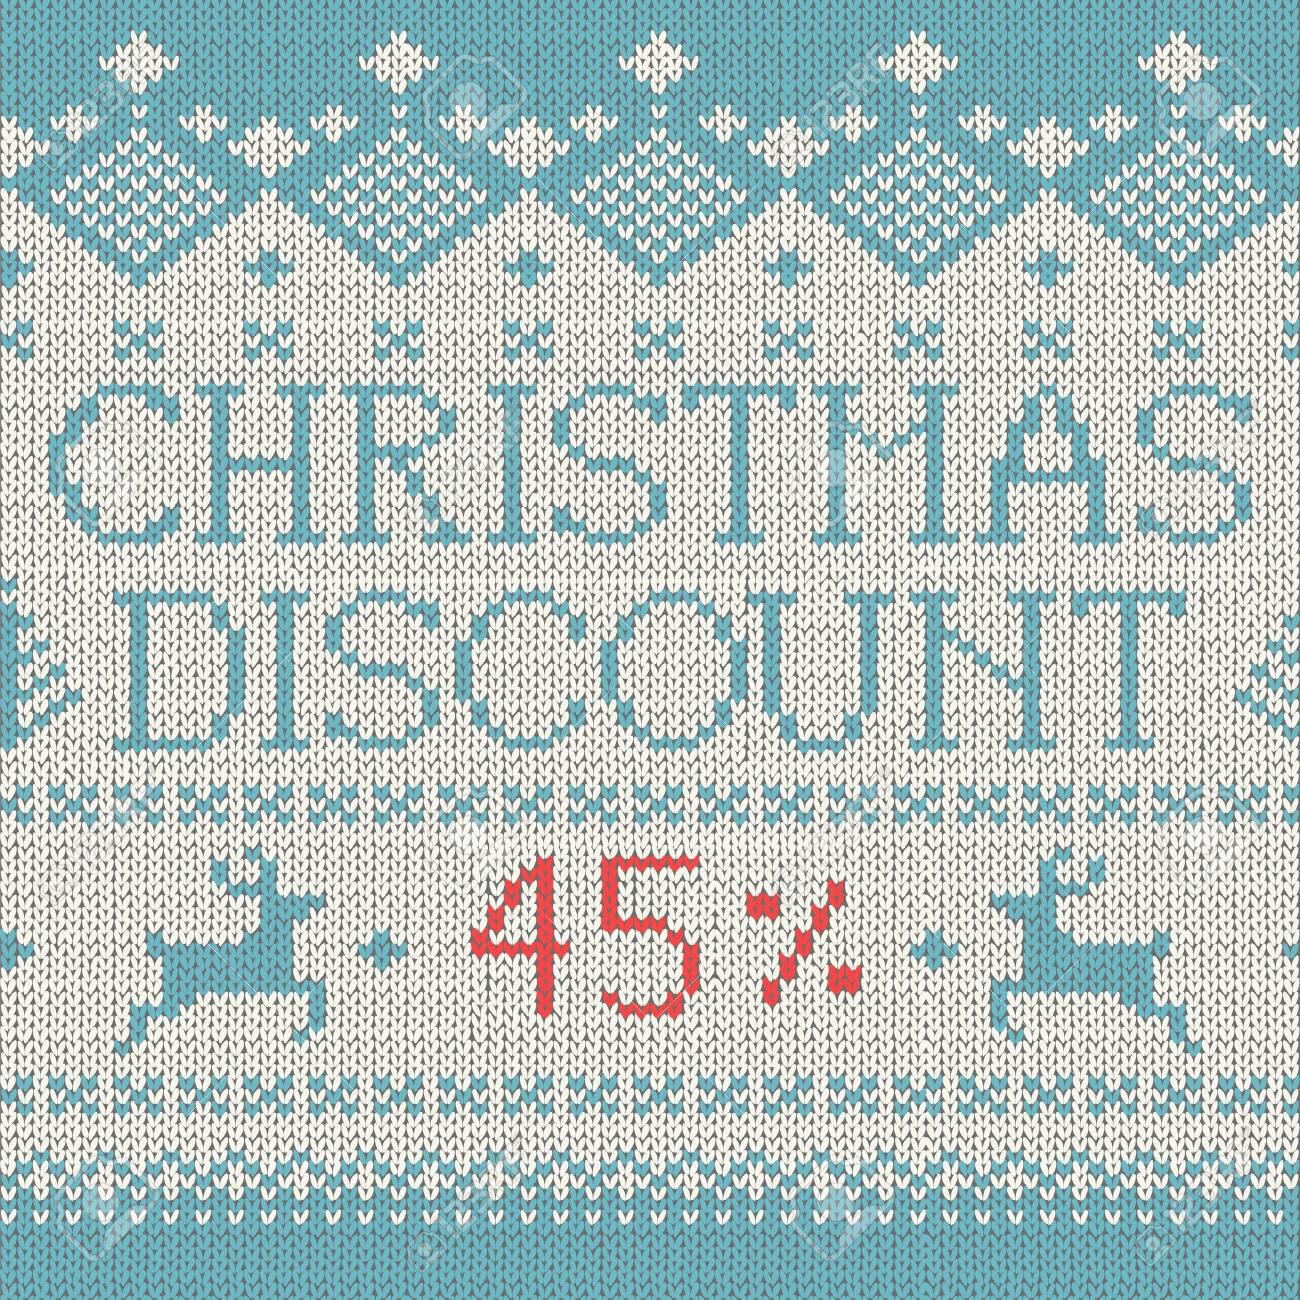 Venta De Navidad: El Descuento Del 45% (estilo Escandinavo Patrón De ...